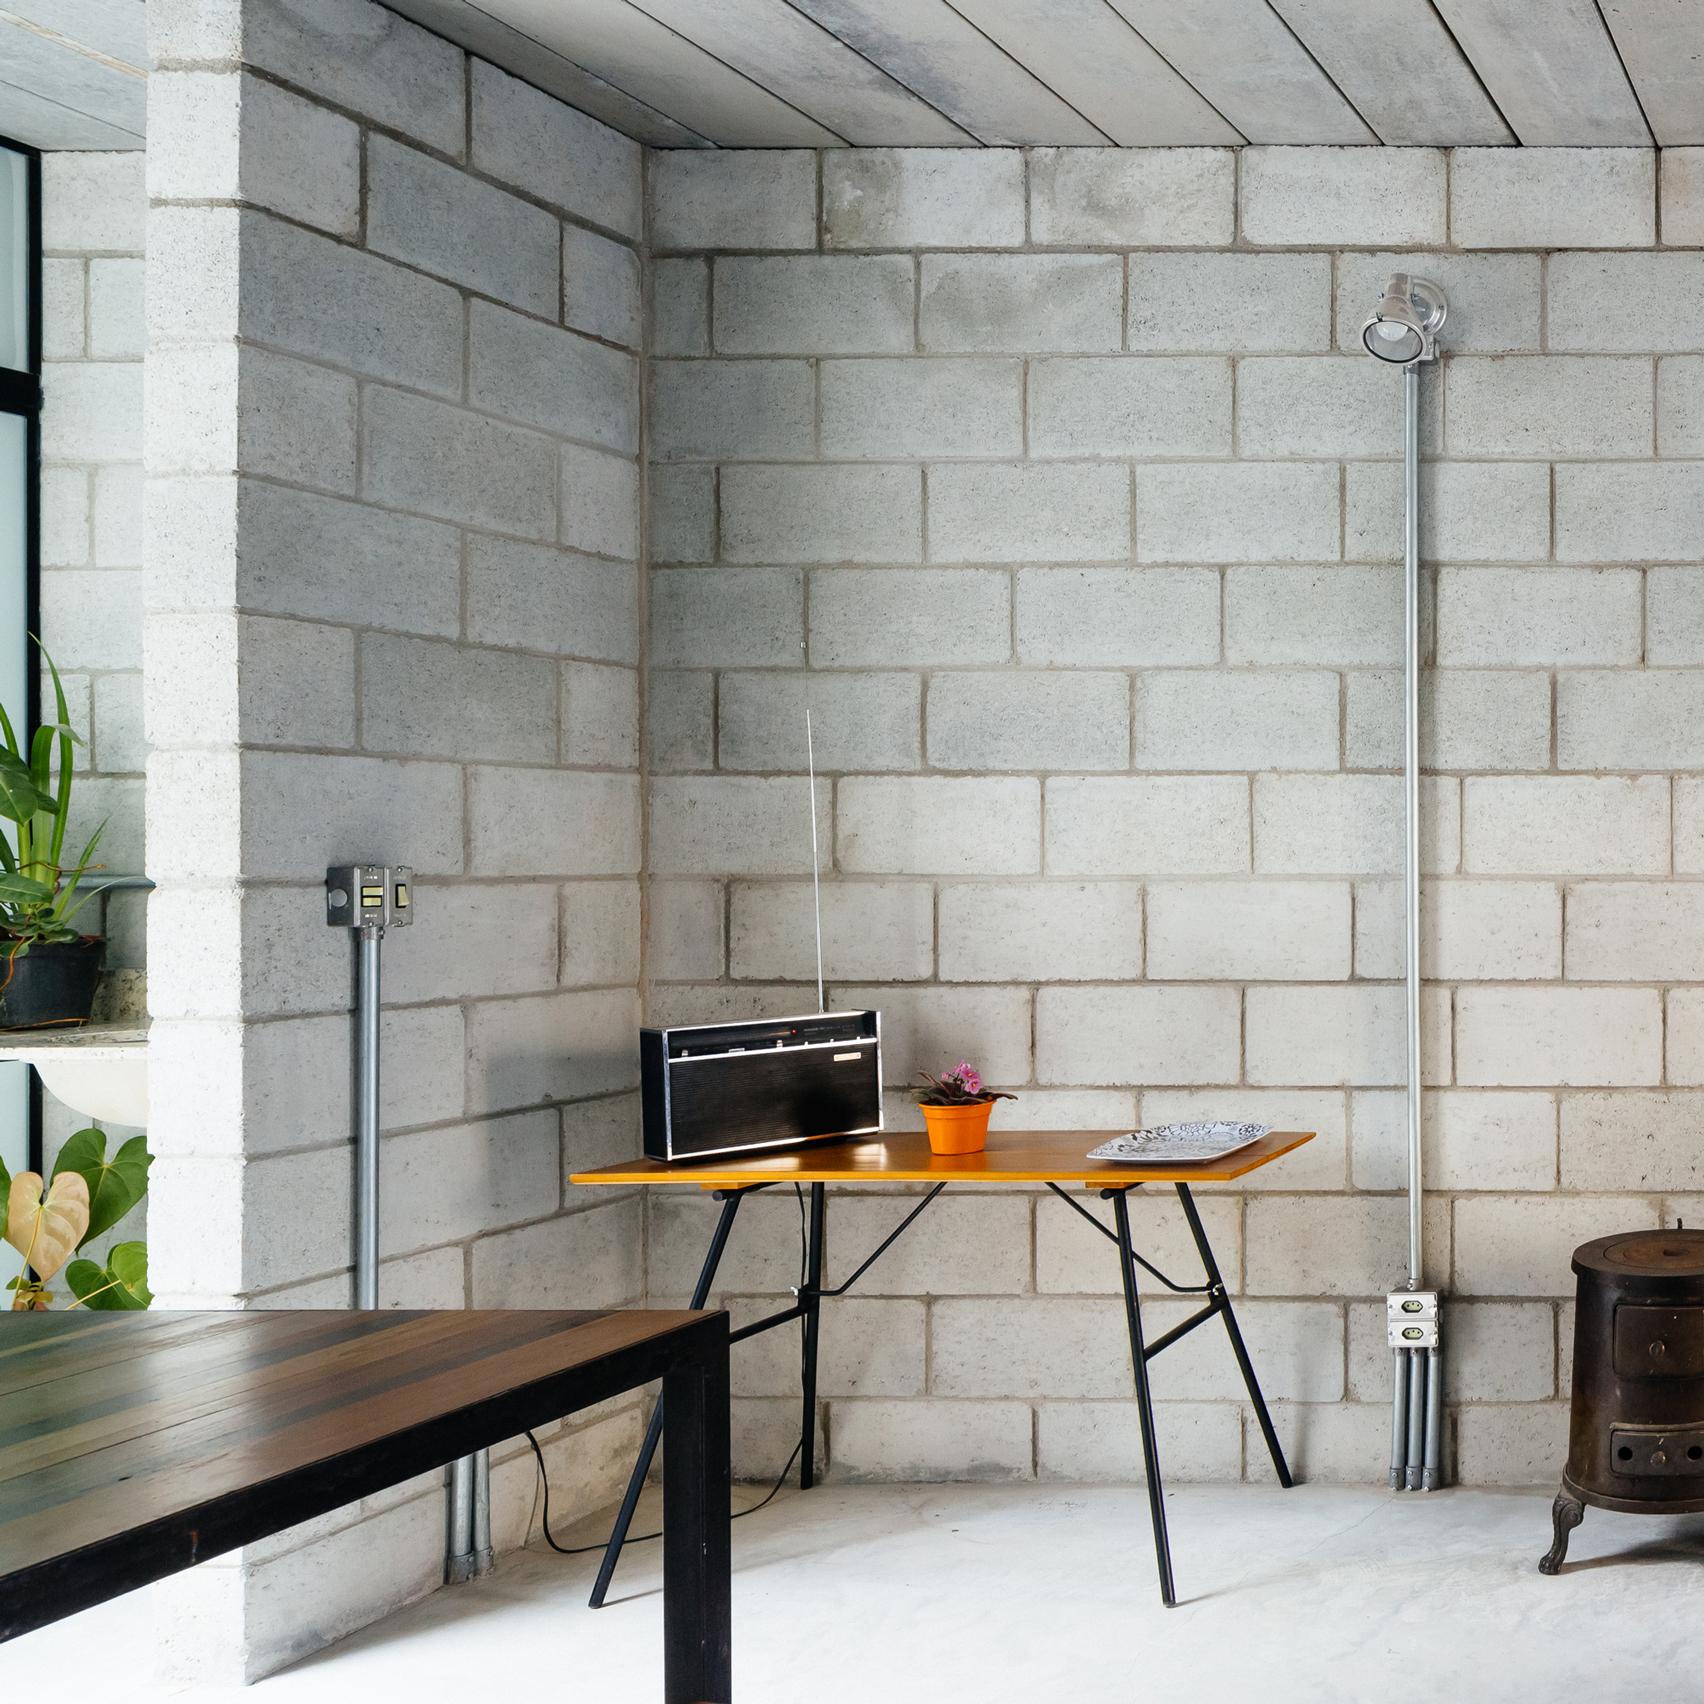 Заливка пола бетоном: как залить своими руками (видео) 91